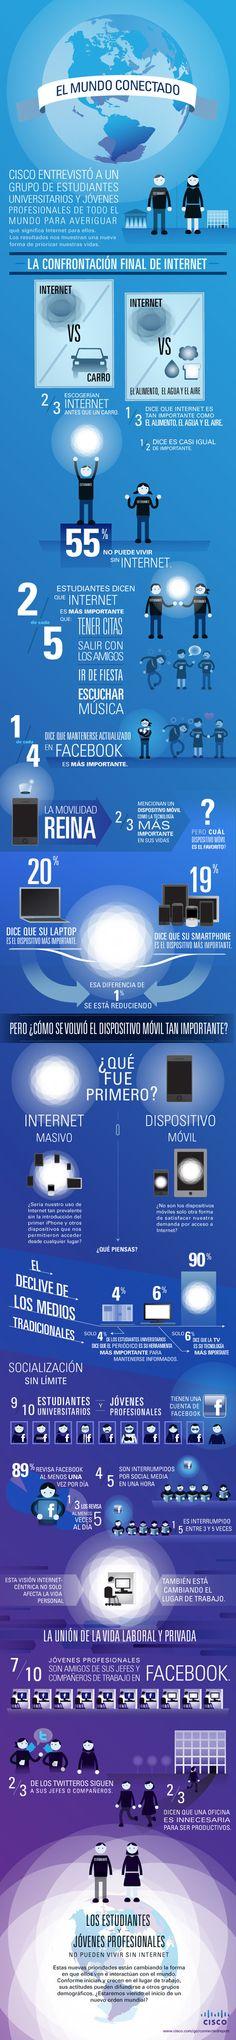 Redes Sociales: Jóvenes Universitarios vs Profesionales #infografia (repinned by @ricardollera)